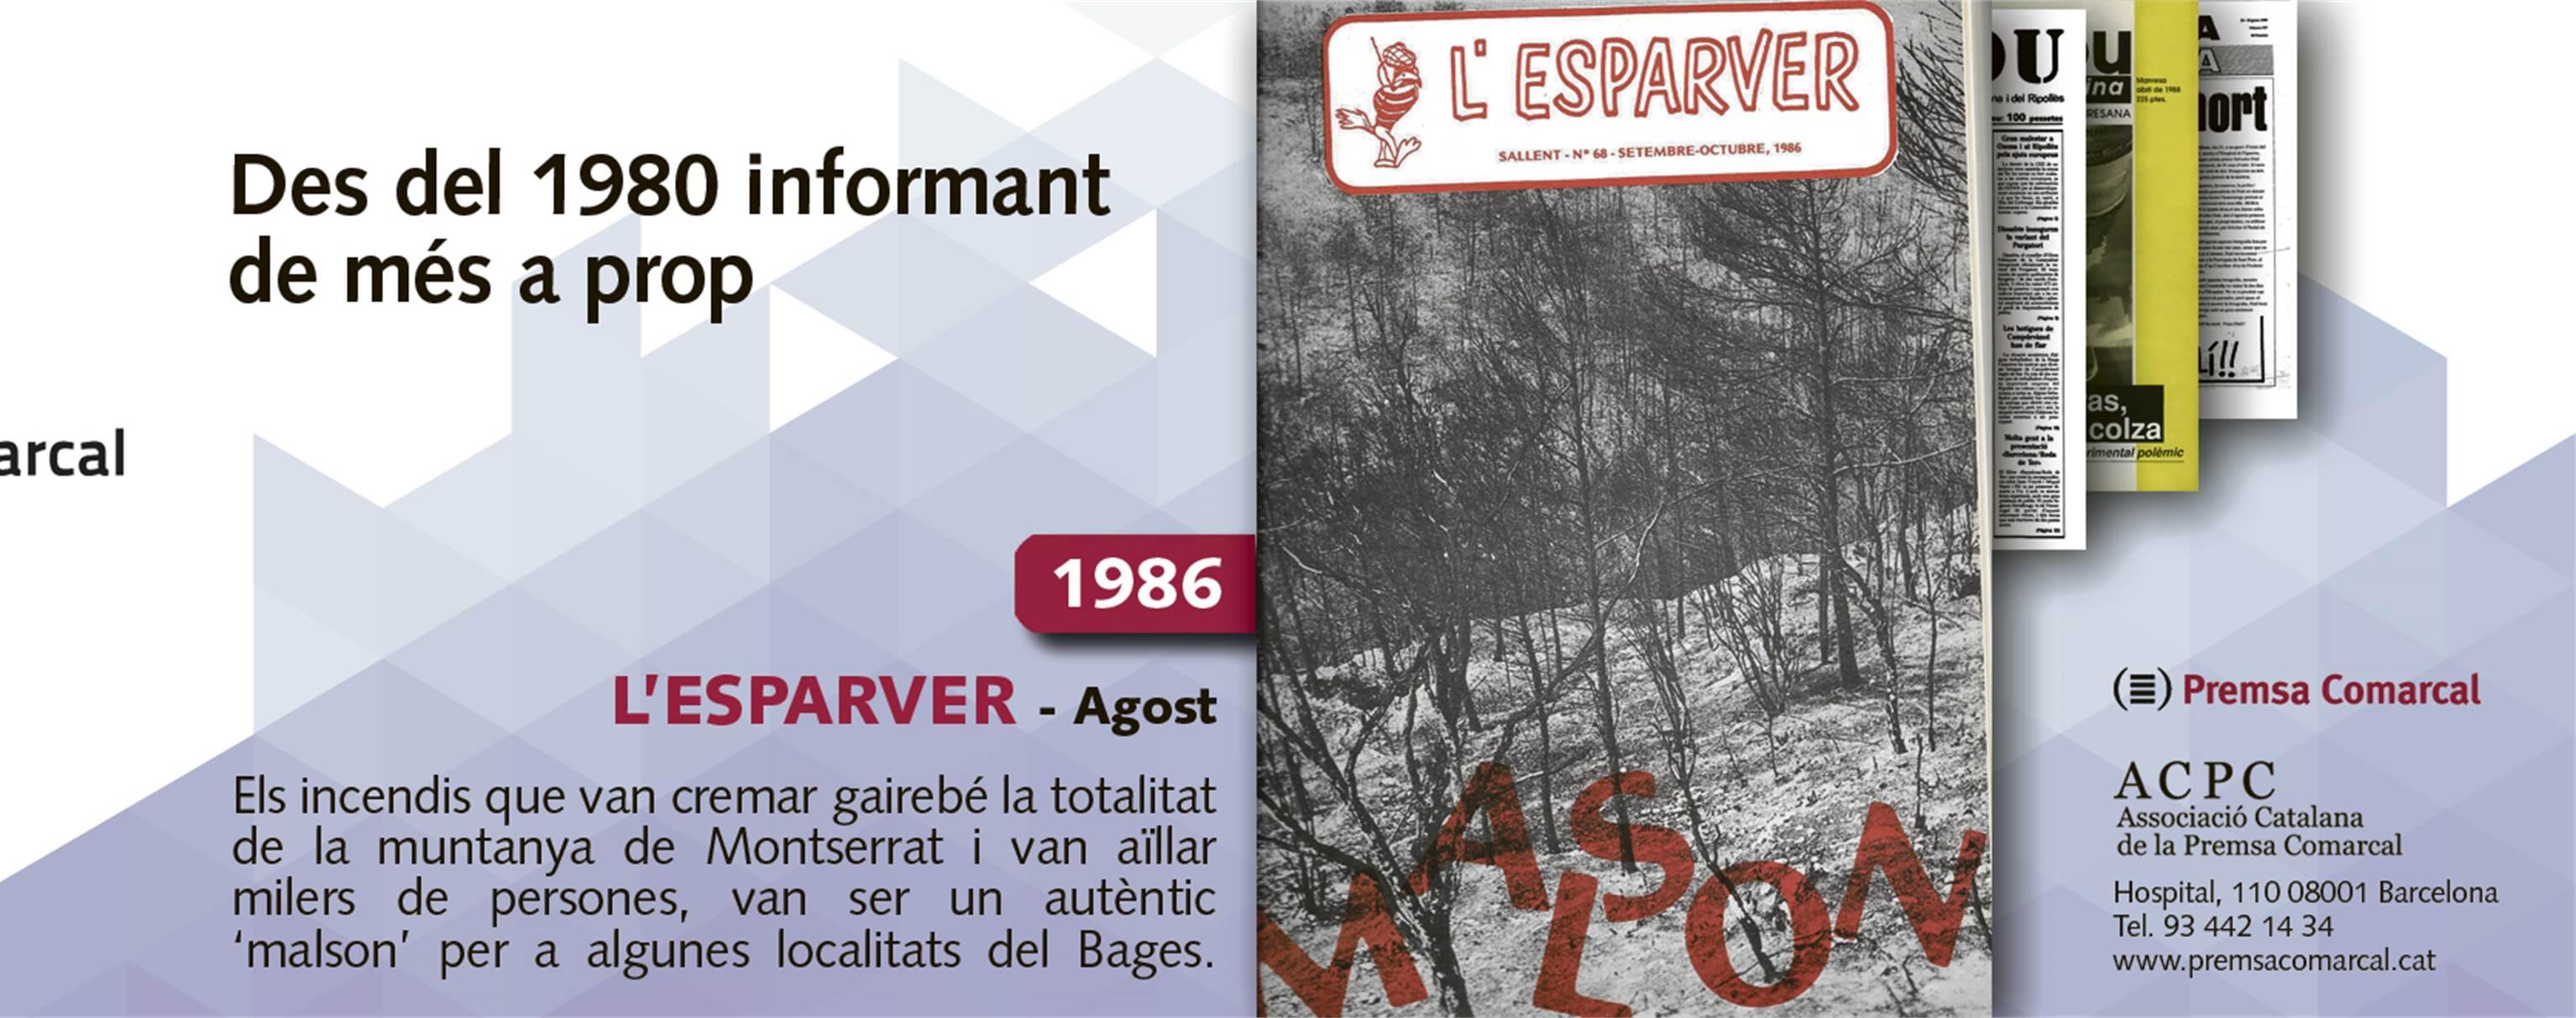 'L'Esparver' i l'incendi a Montserrat del 86 a la campanya de l'ACPC